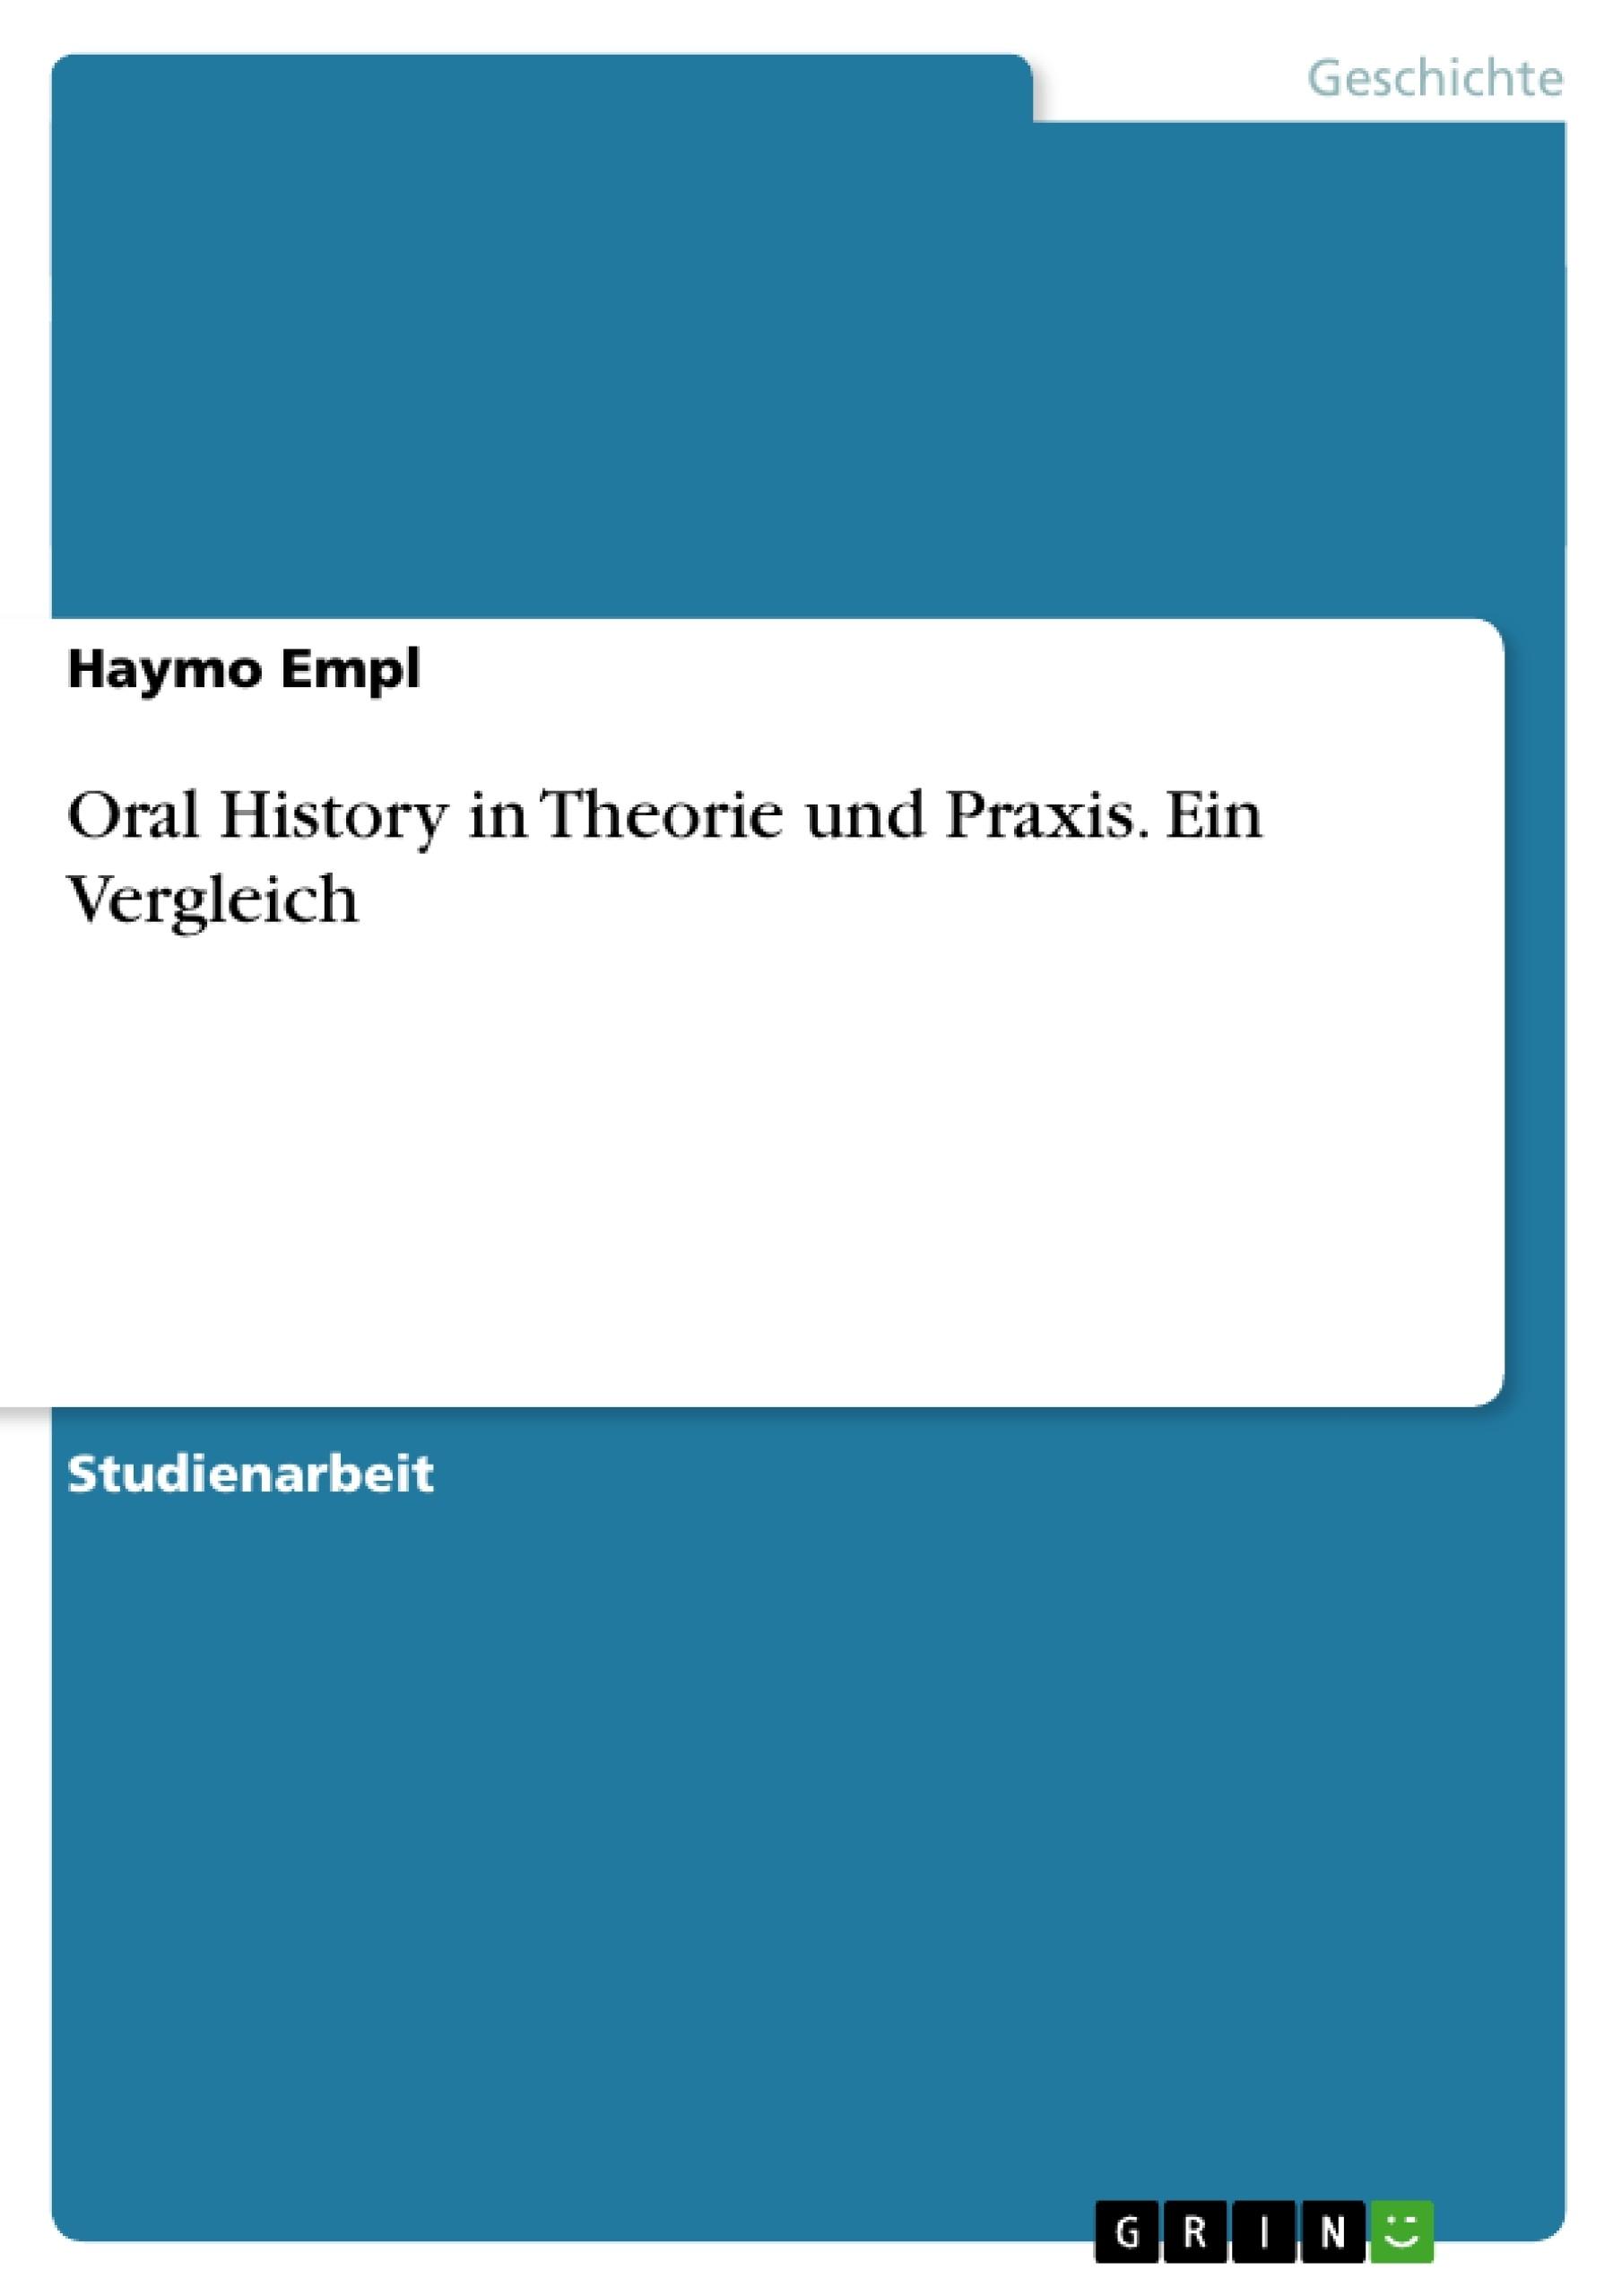 Titel: Oral History in Theorie und Praxis. Ein Vergleich